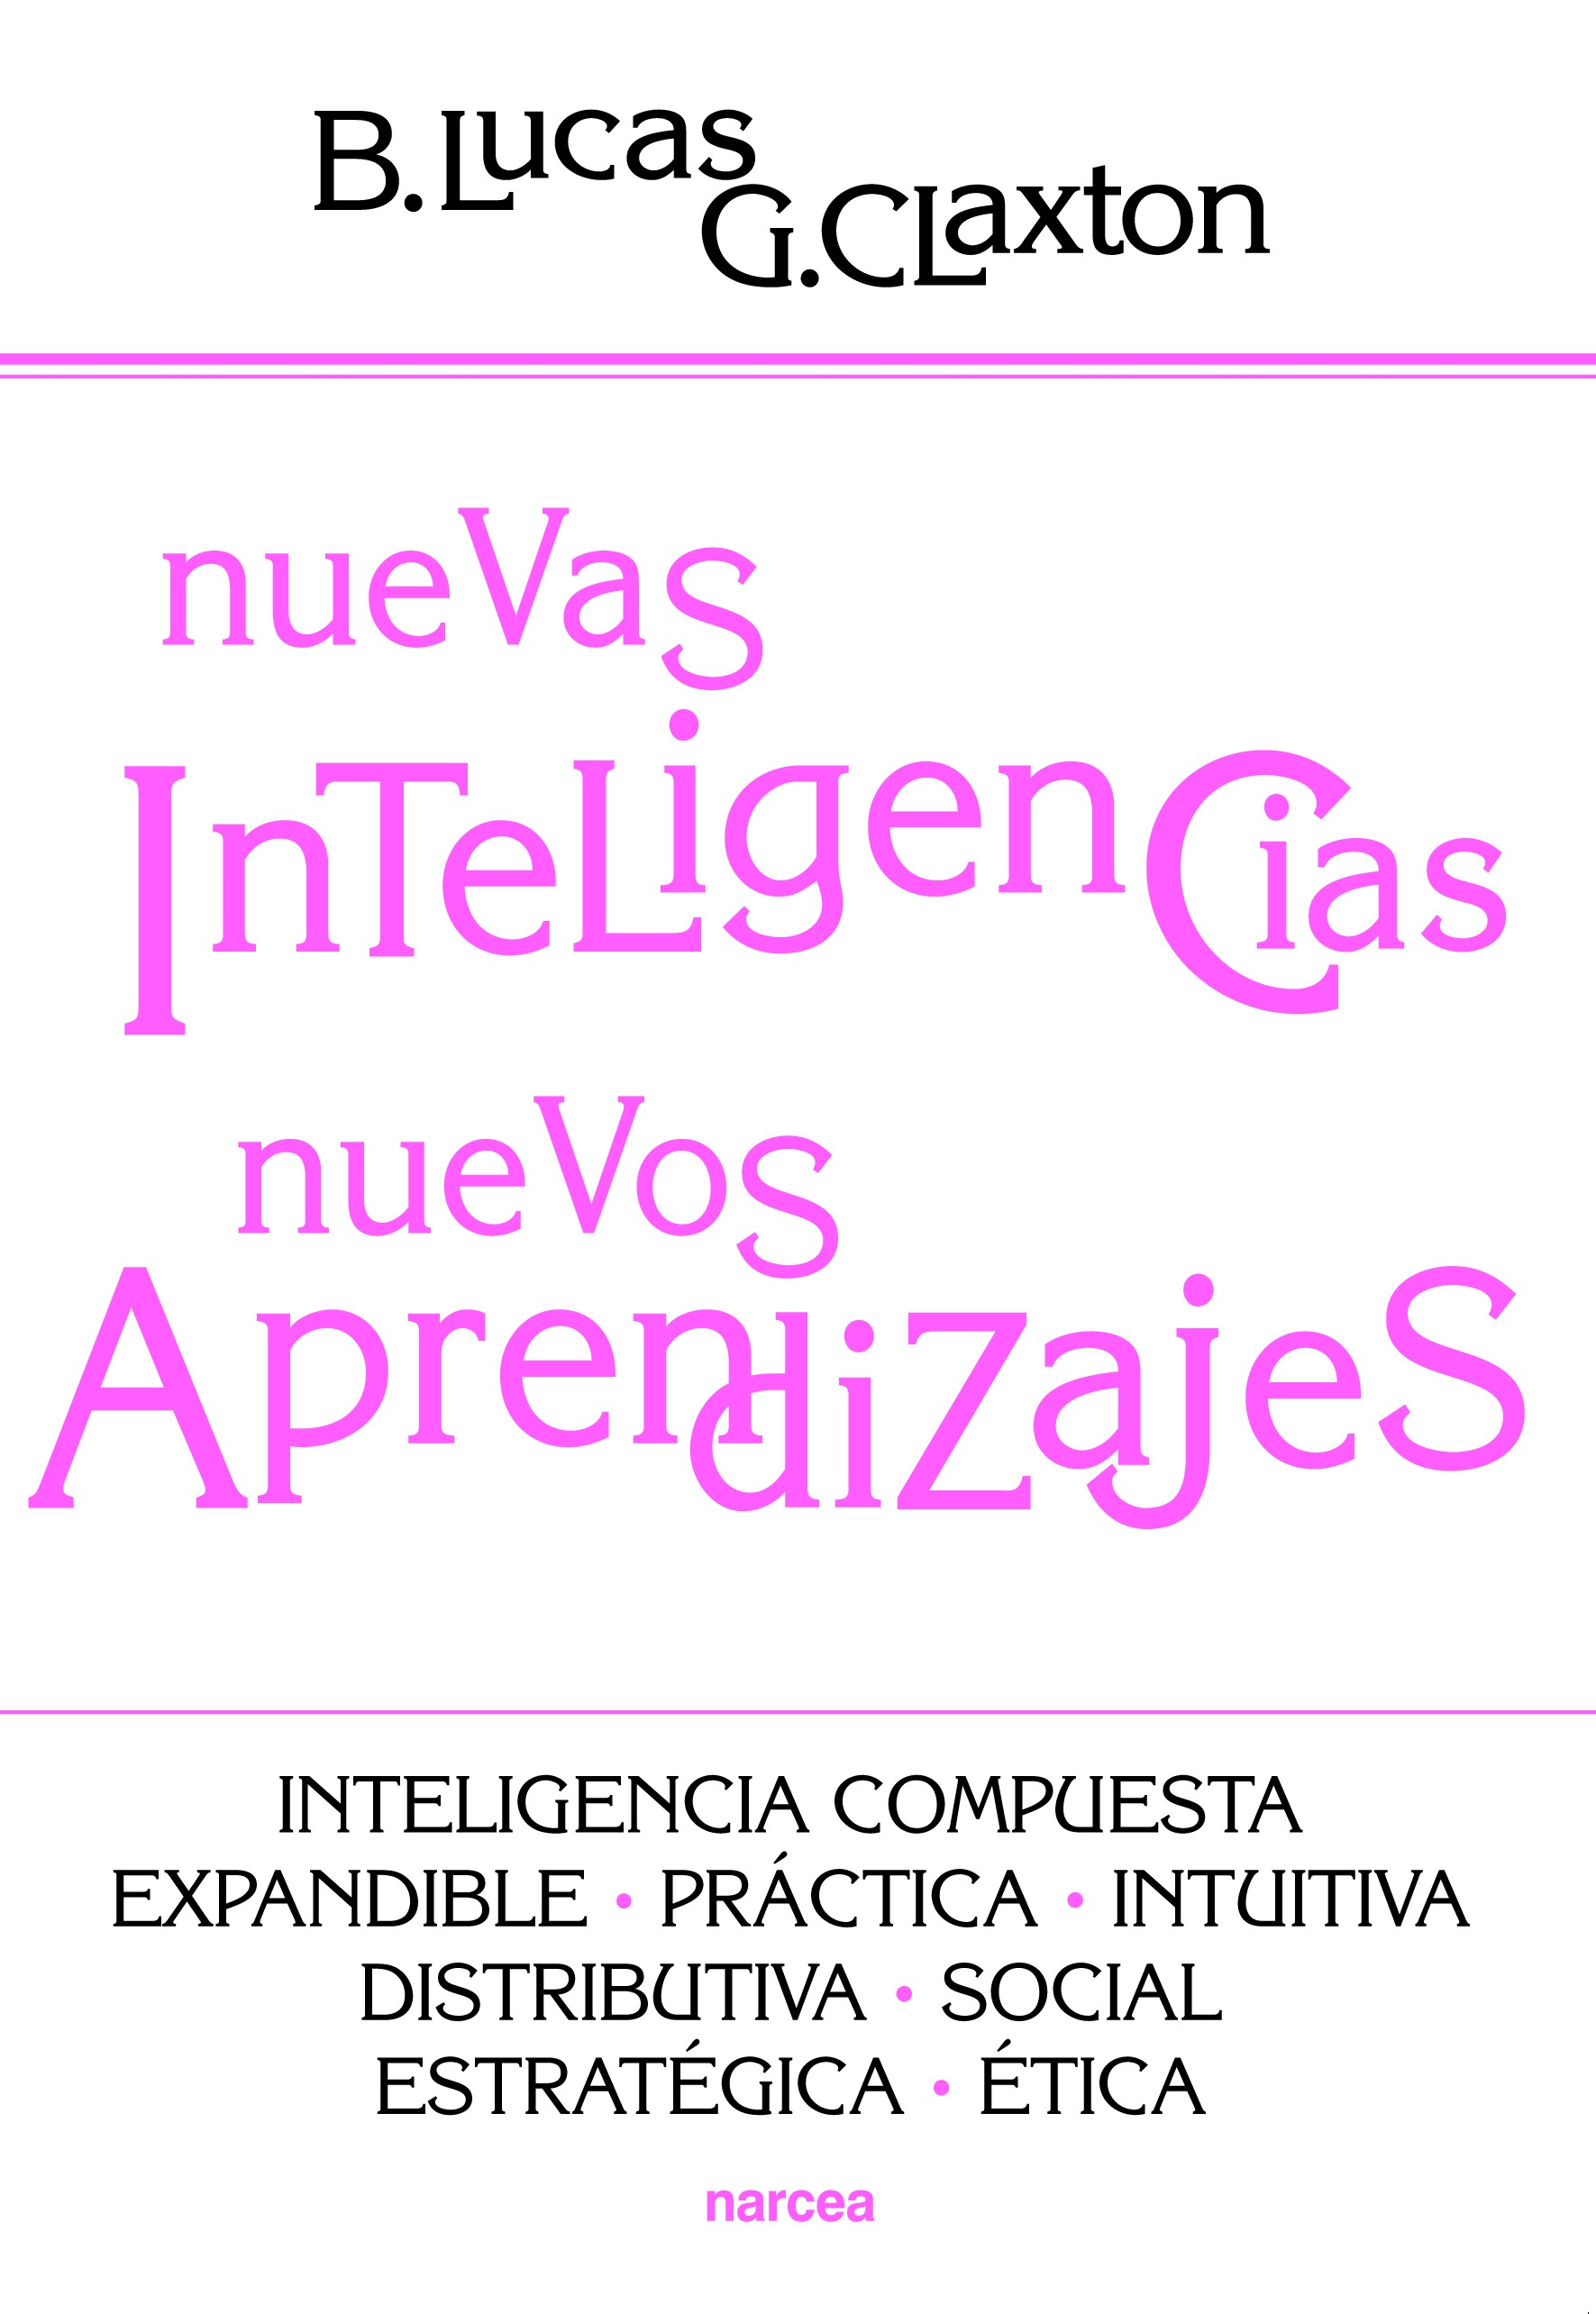 Nuevas inteligencias, nuevos aprendizajes